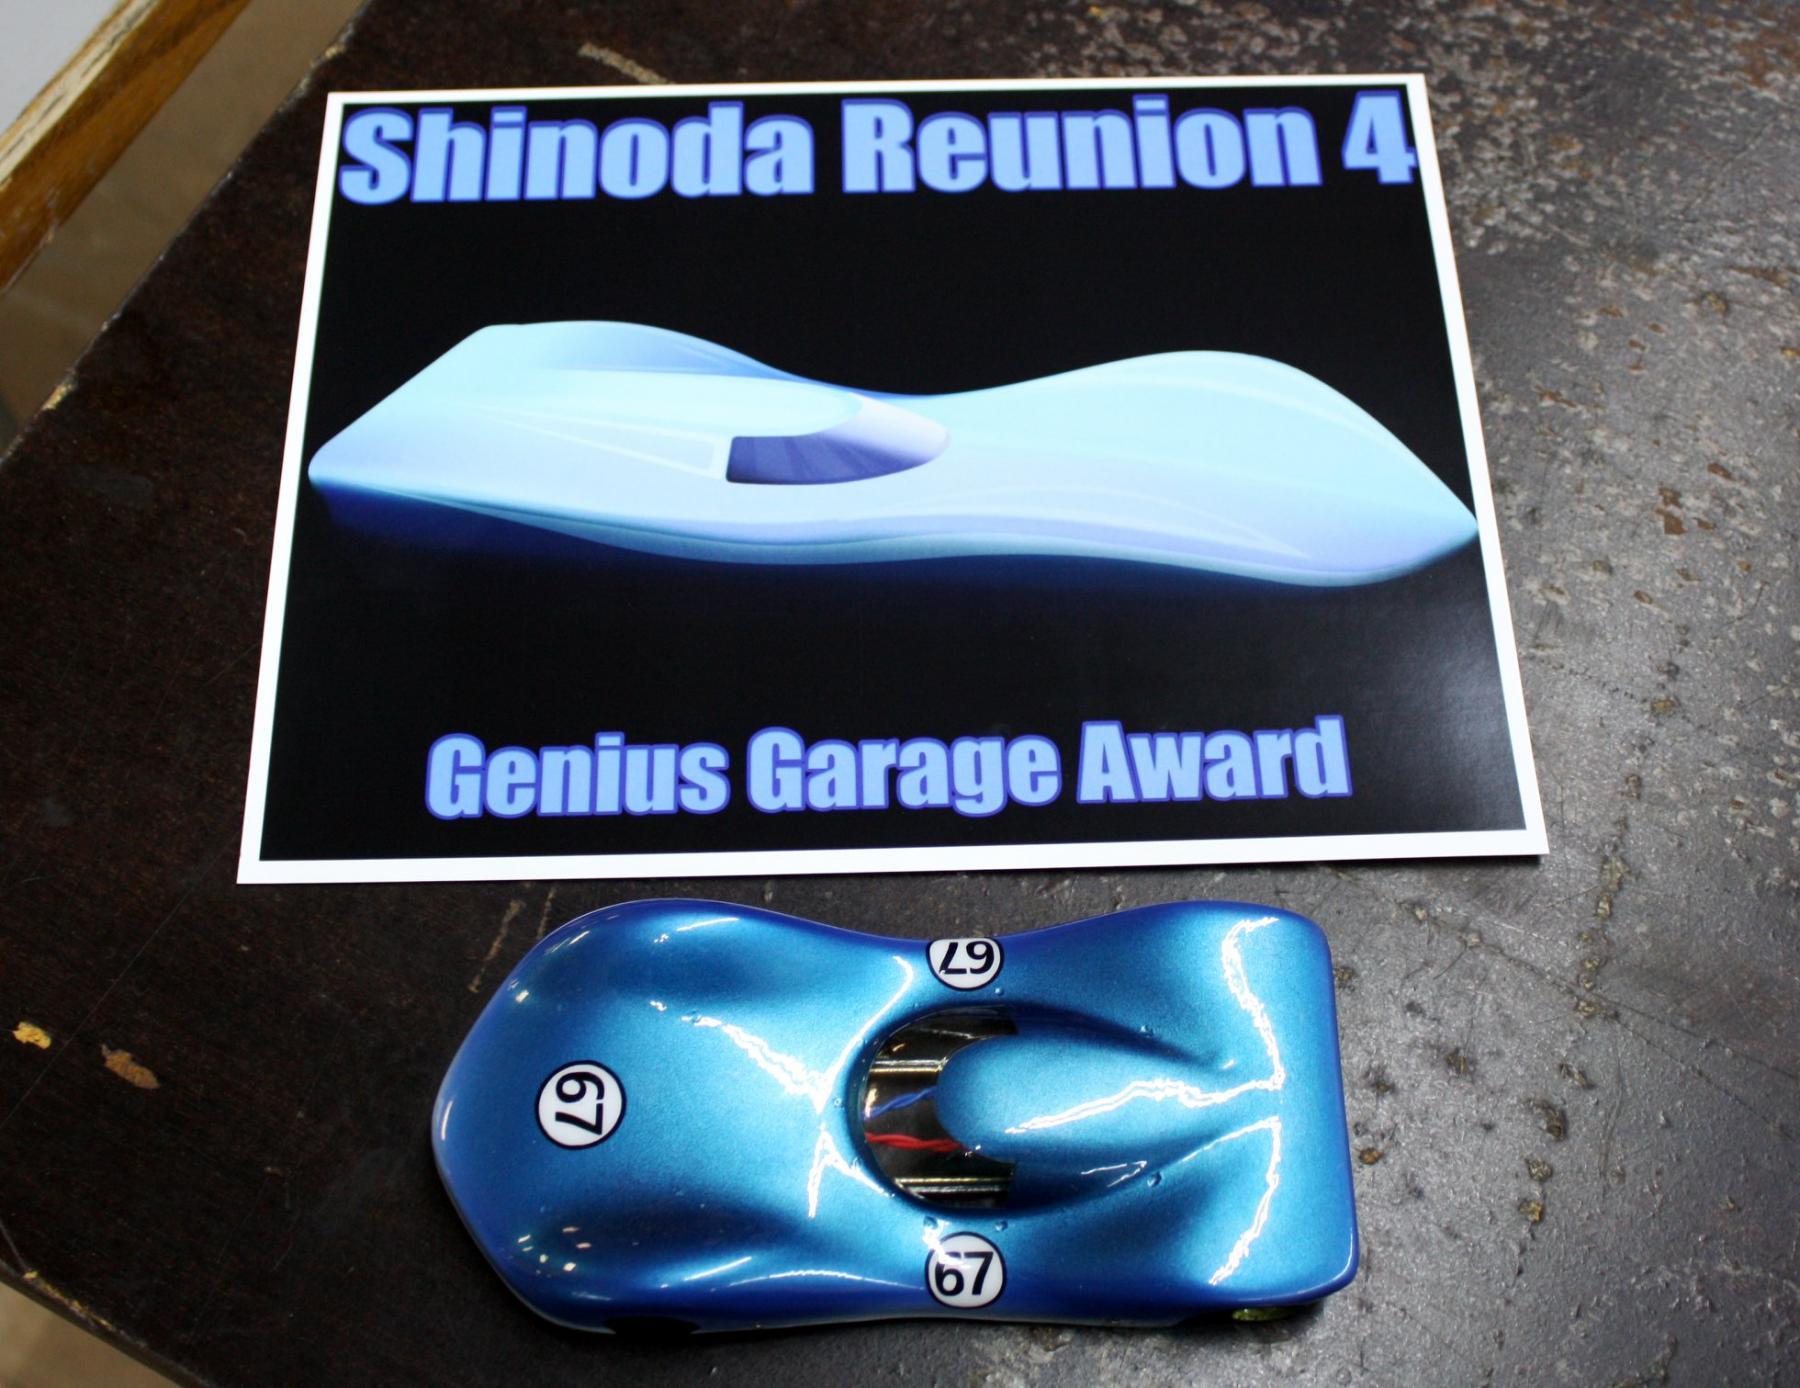 Genius Garage Award.jpg